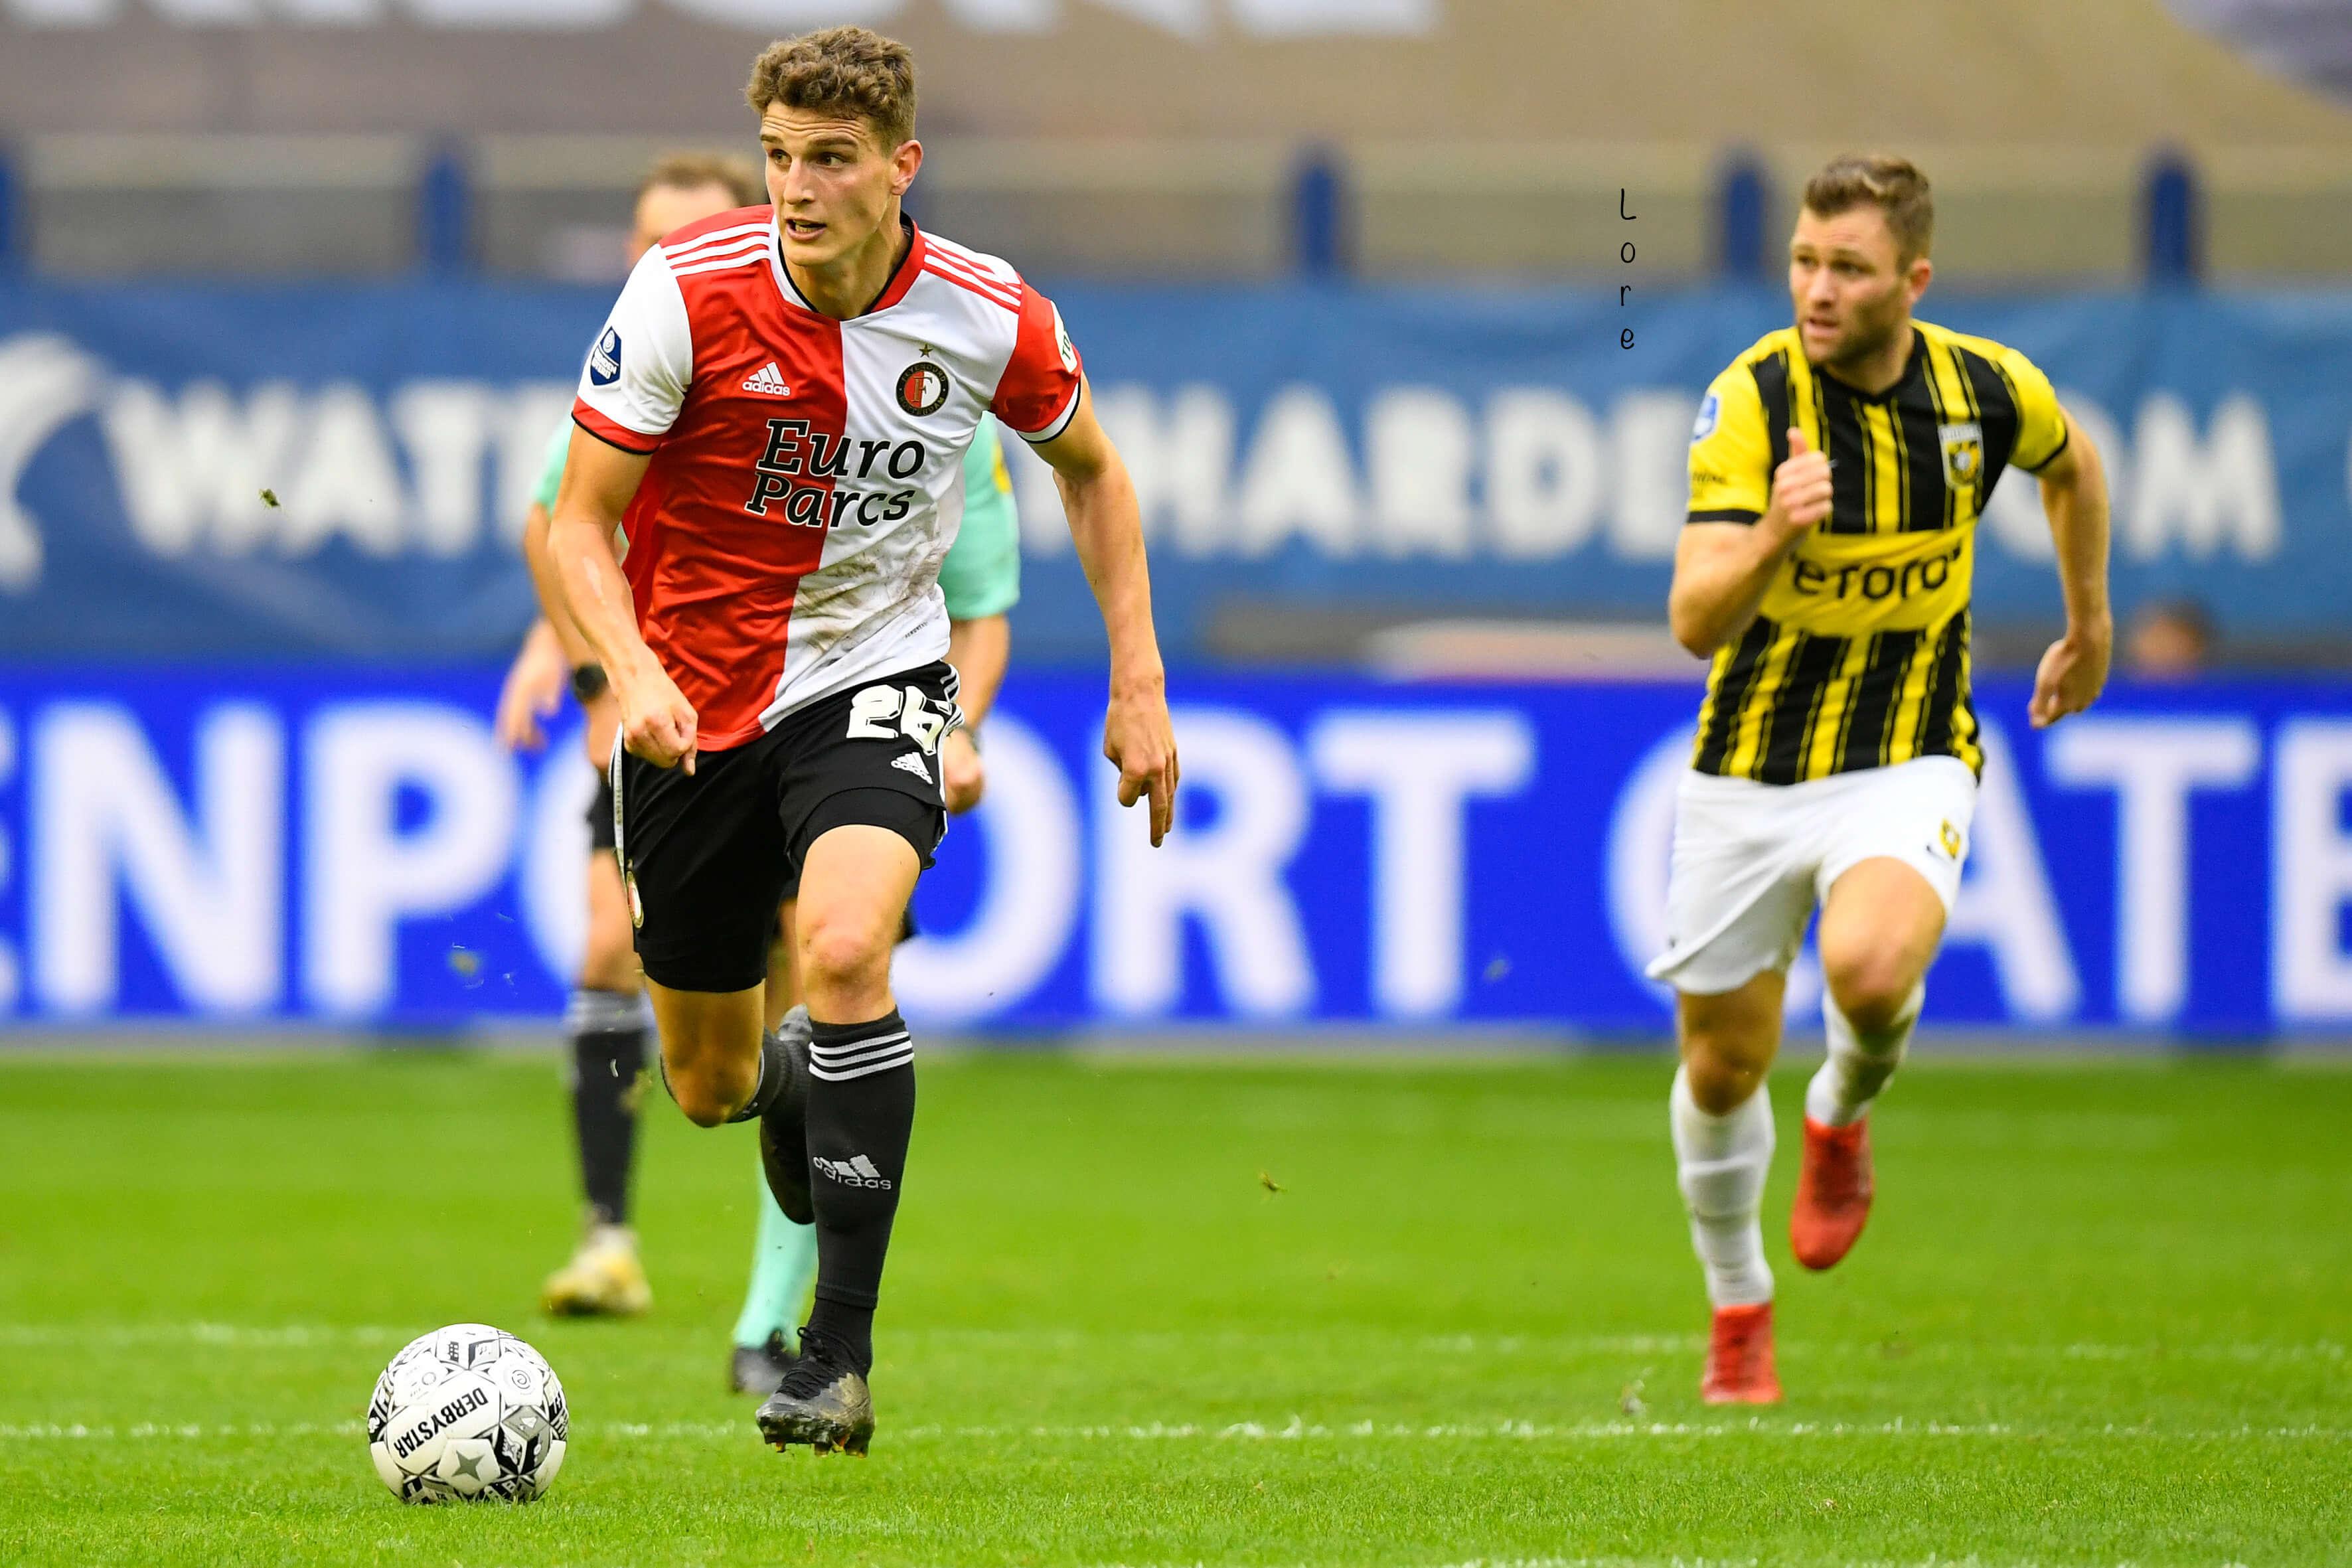 Persoonlijke fouten doen Feyenoord de das om in Arnhem; image source: Pro Shots